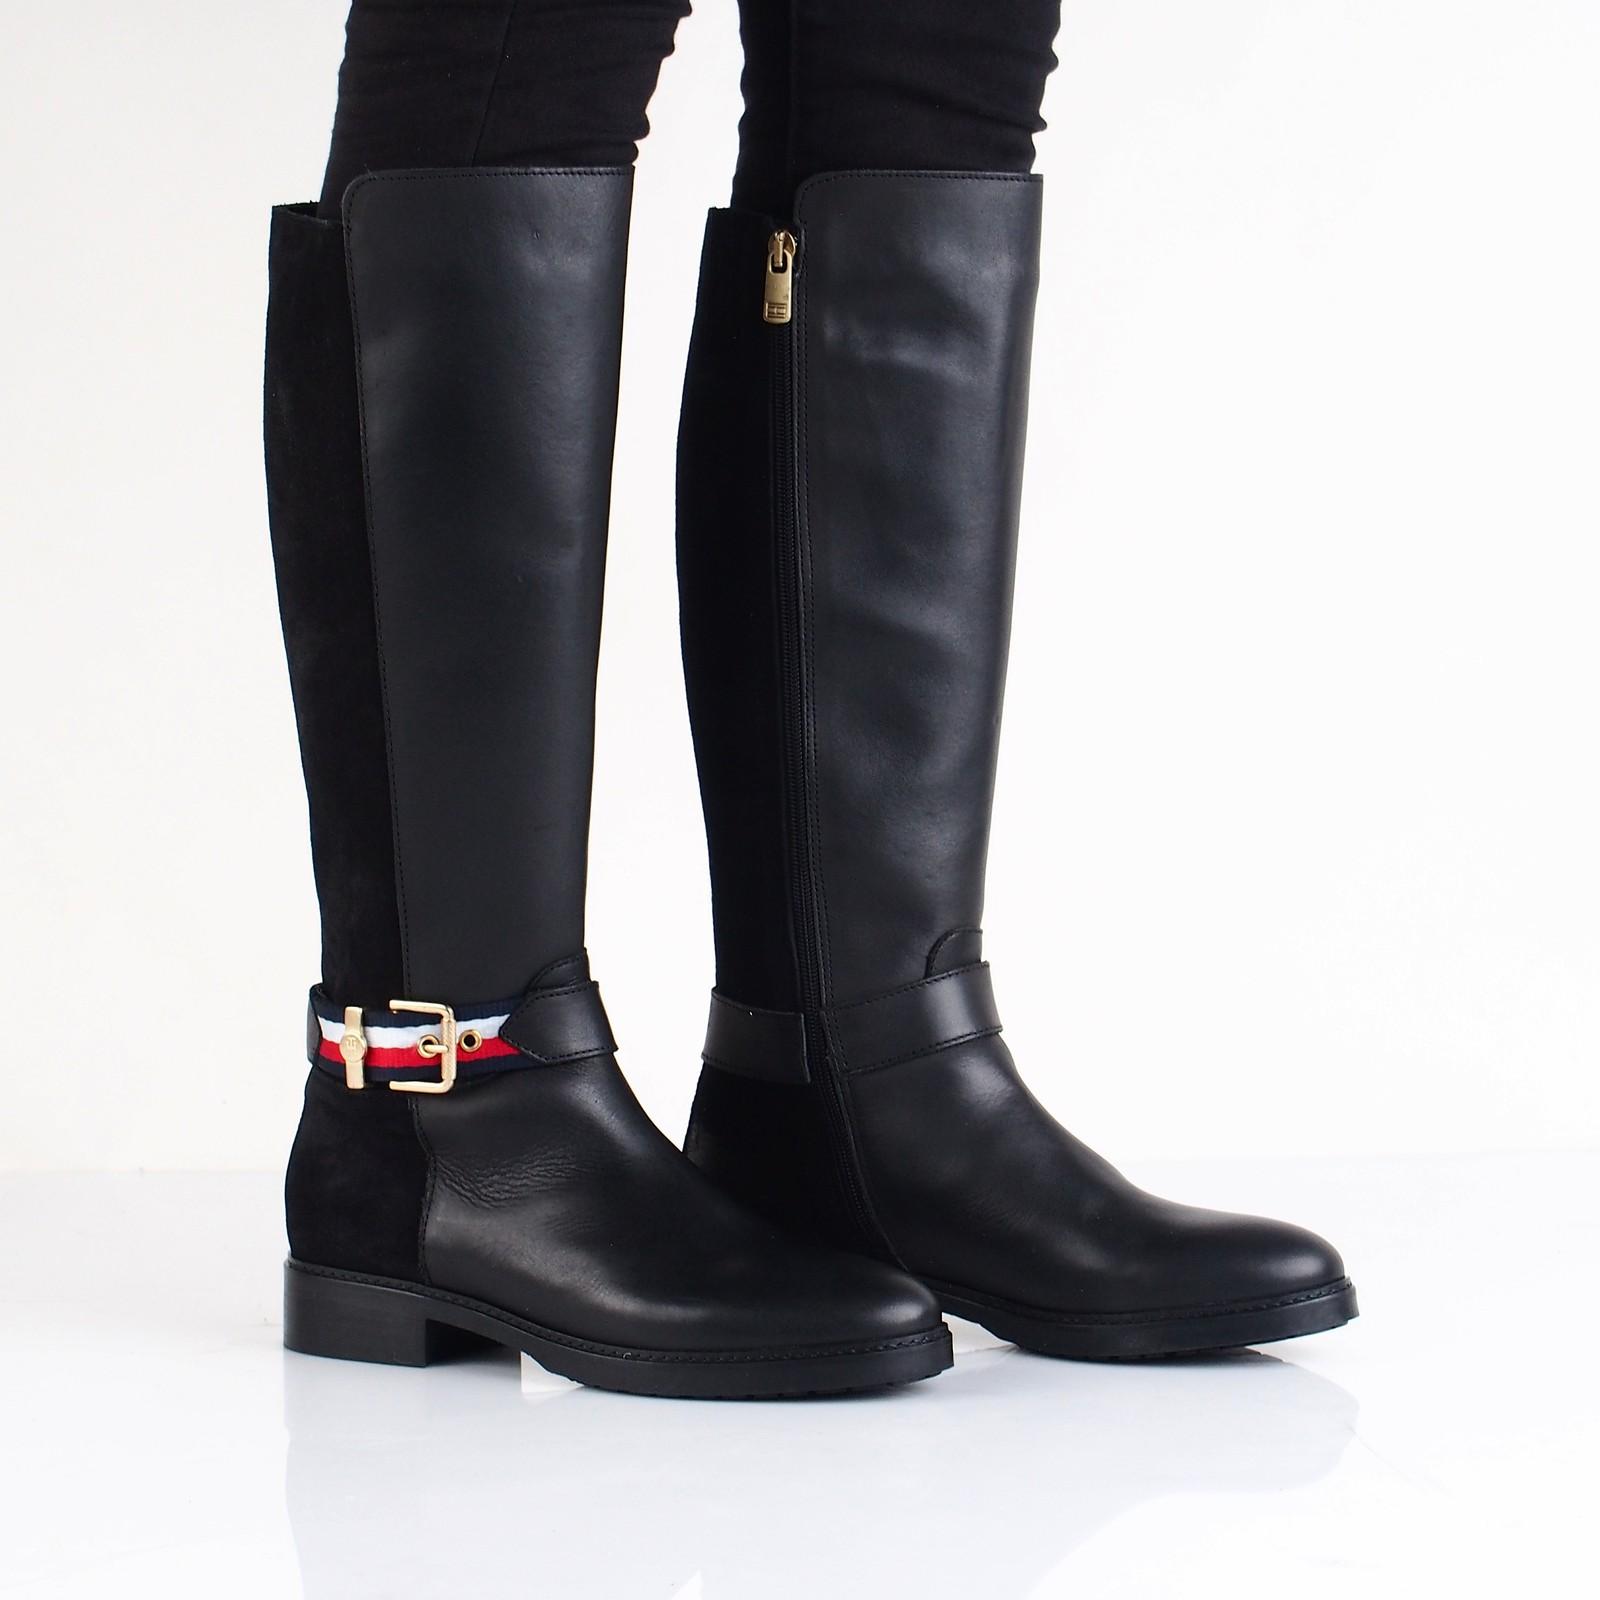 2a4e479c49 Tommy Hilfiger dámske kožené vysoké čižmy - čierne ...